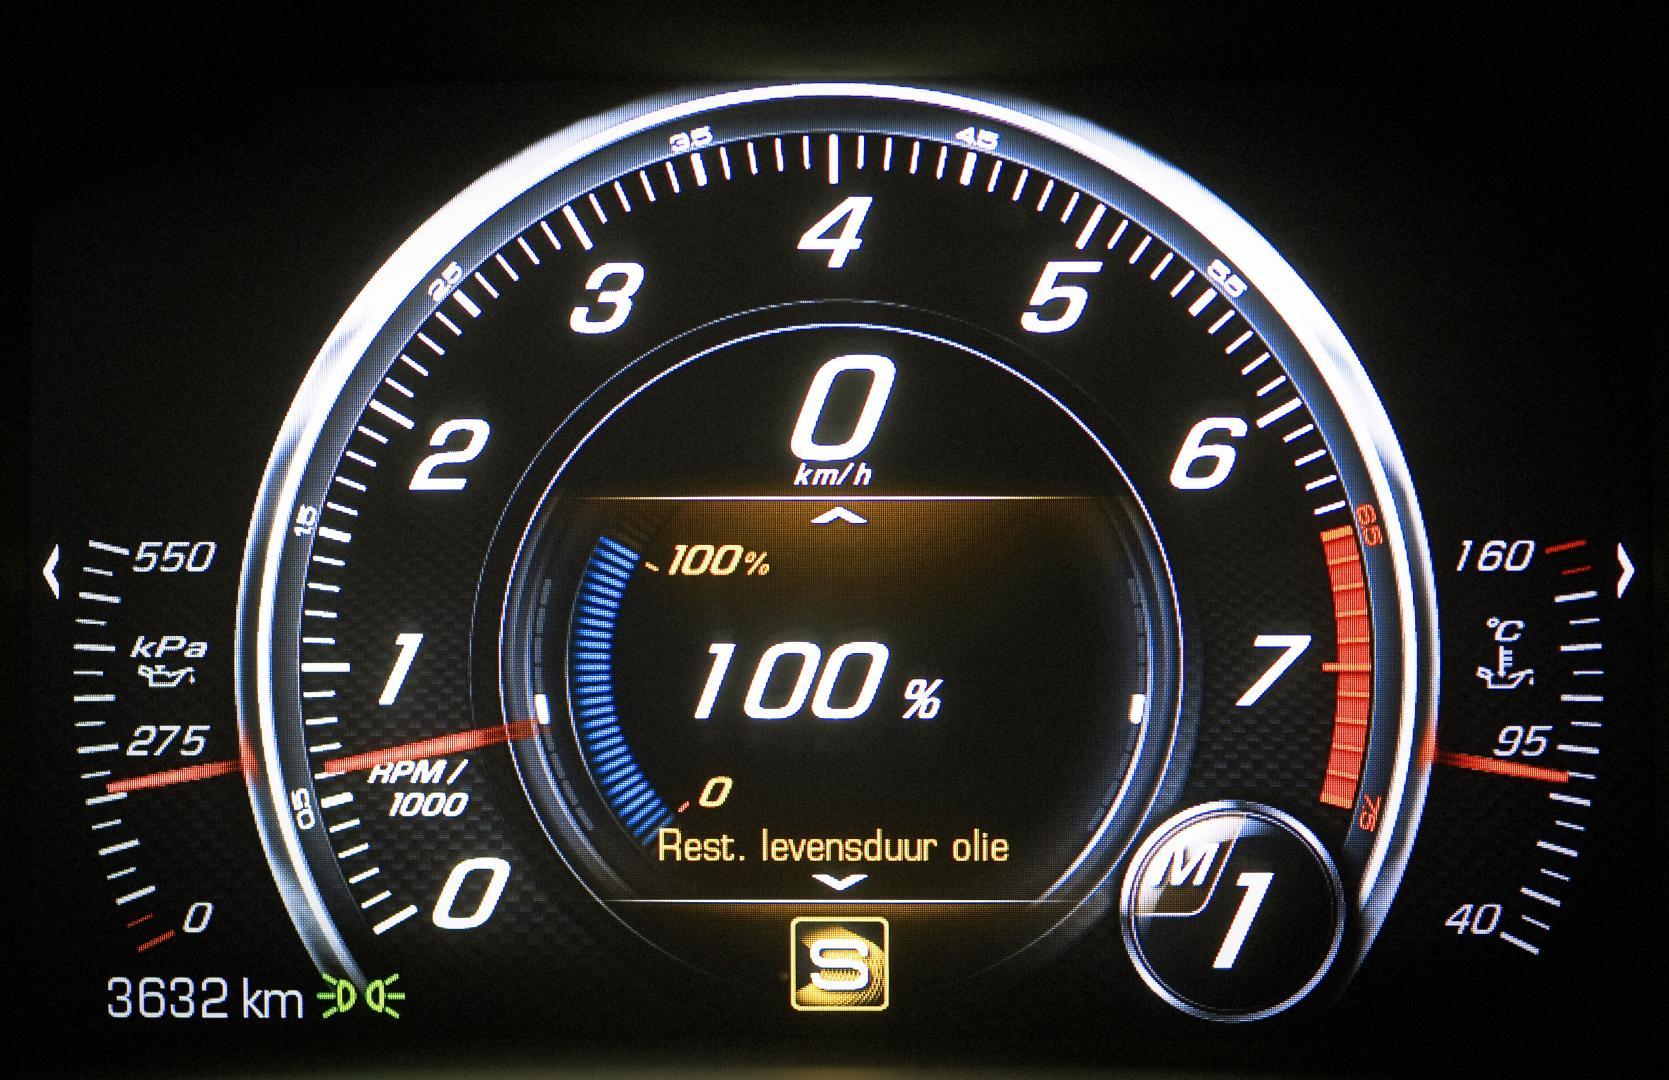 Chevrolet Corvette C7 Z06 display (2015)